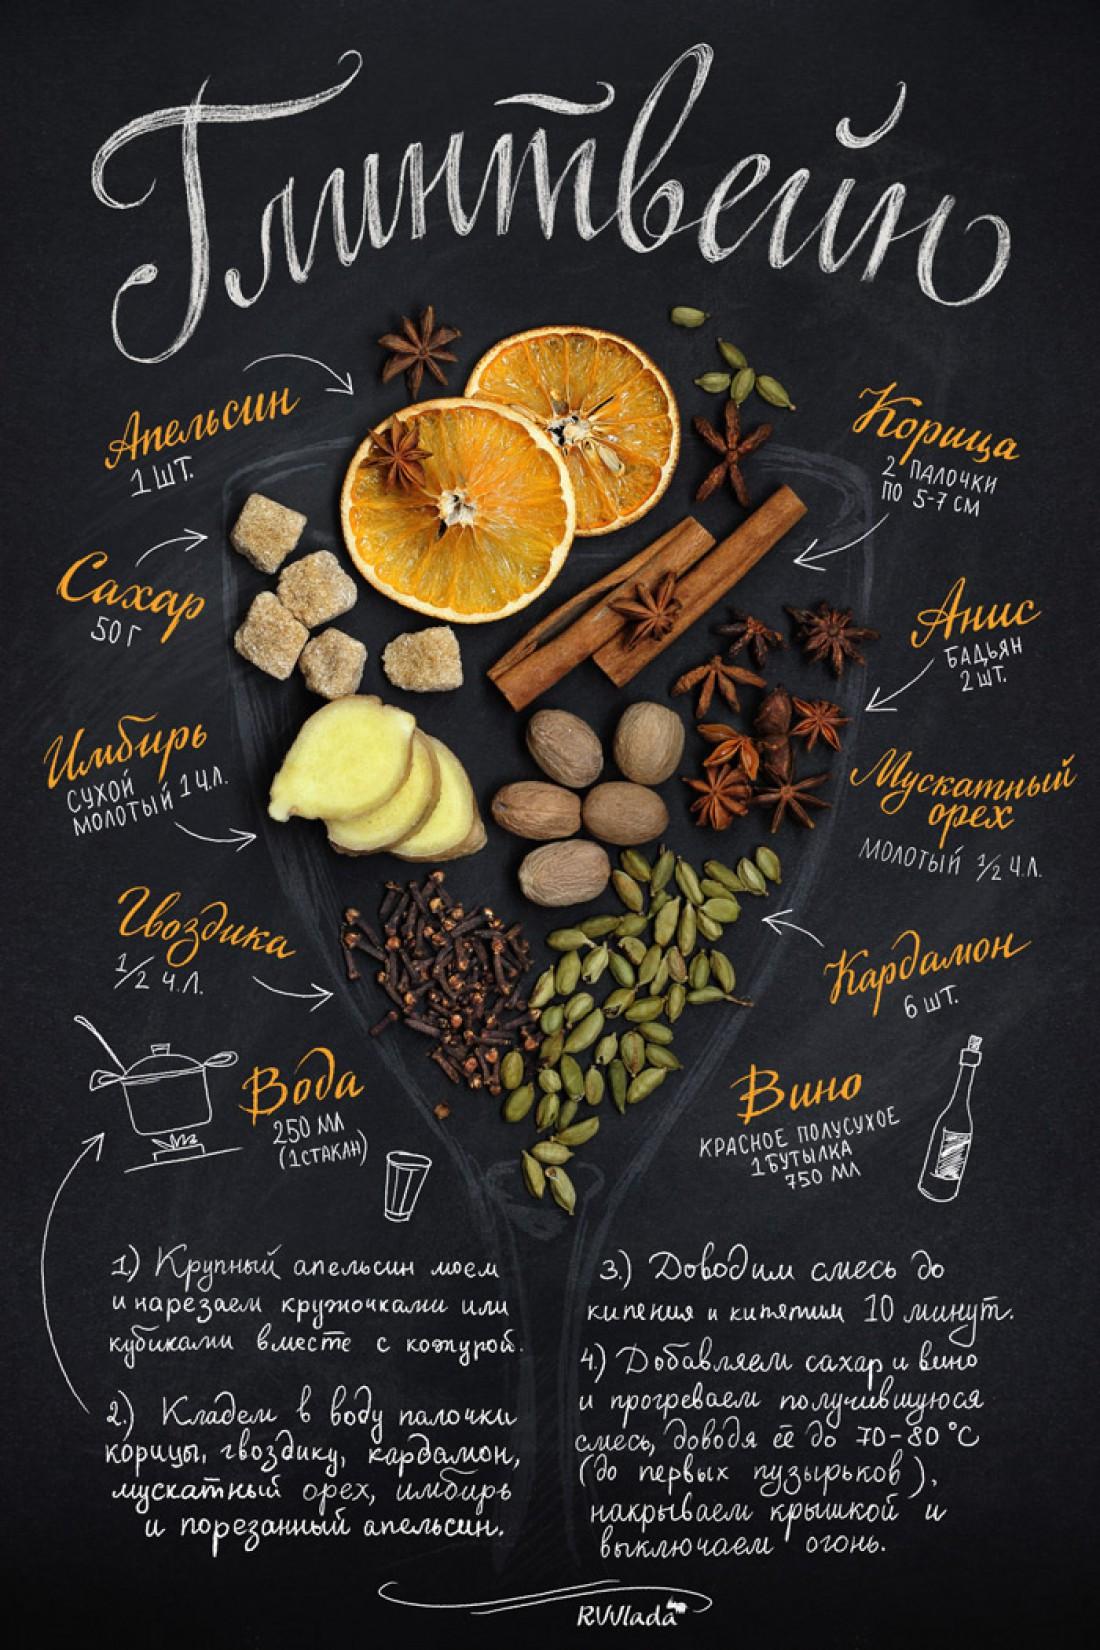 ТОП-4 лучших рецептов домашнего глинтвейна